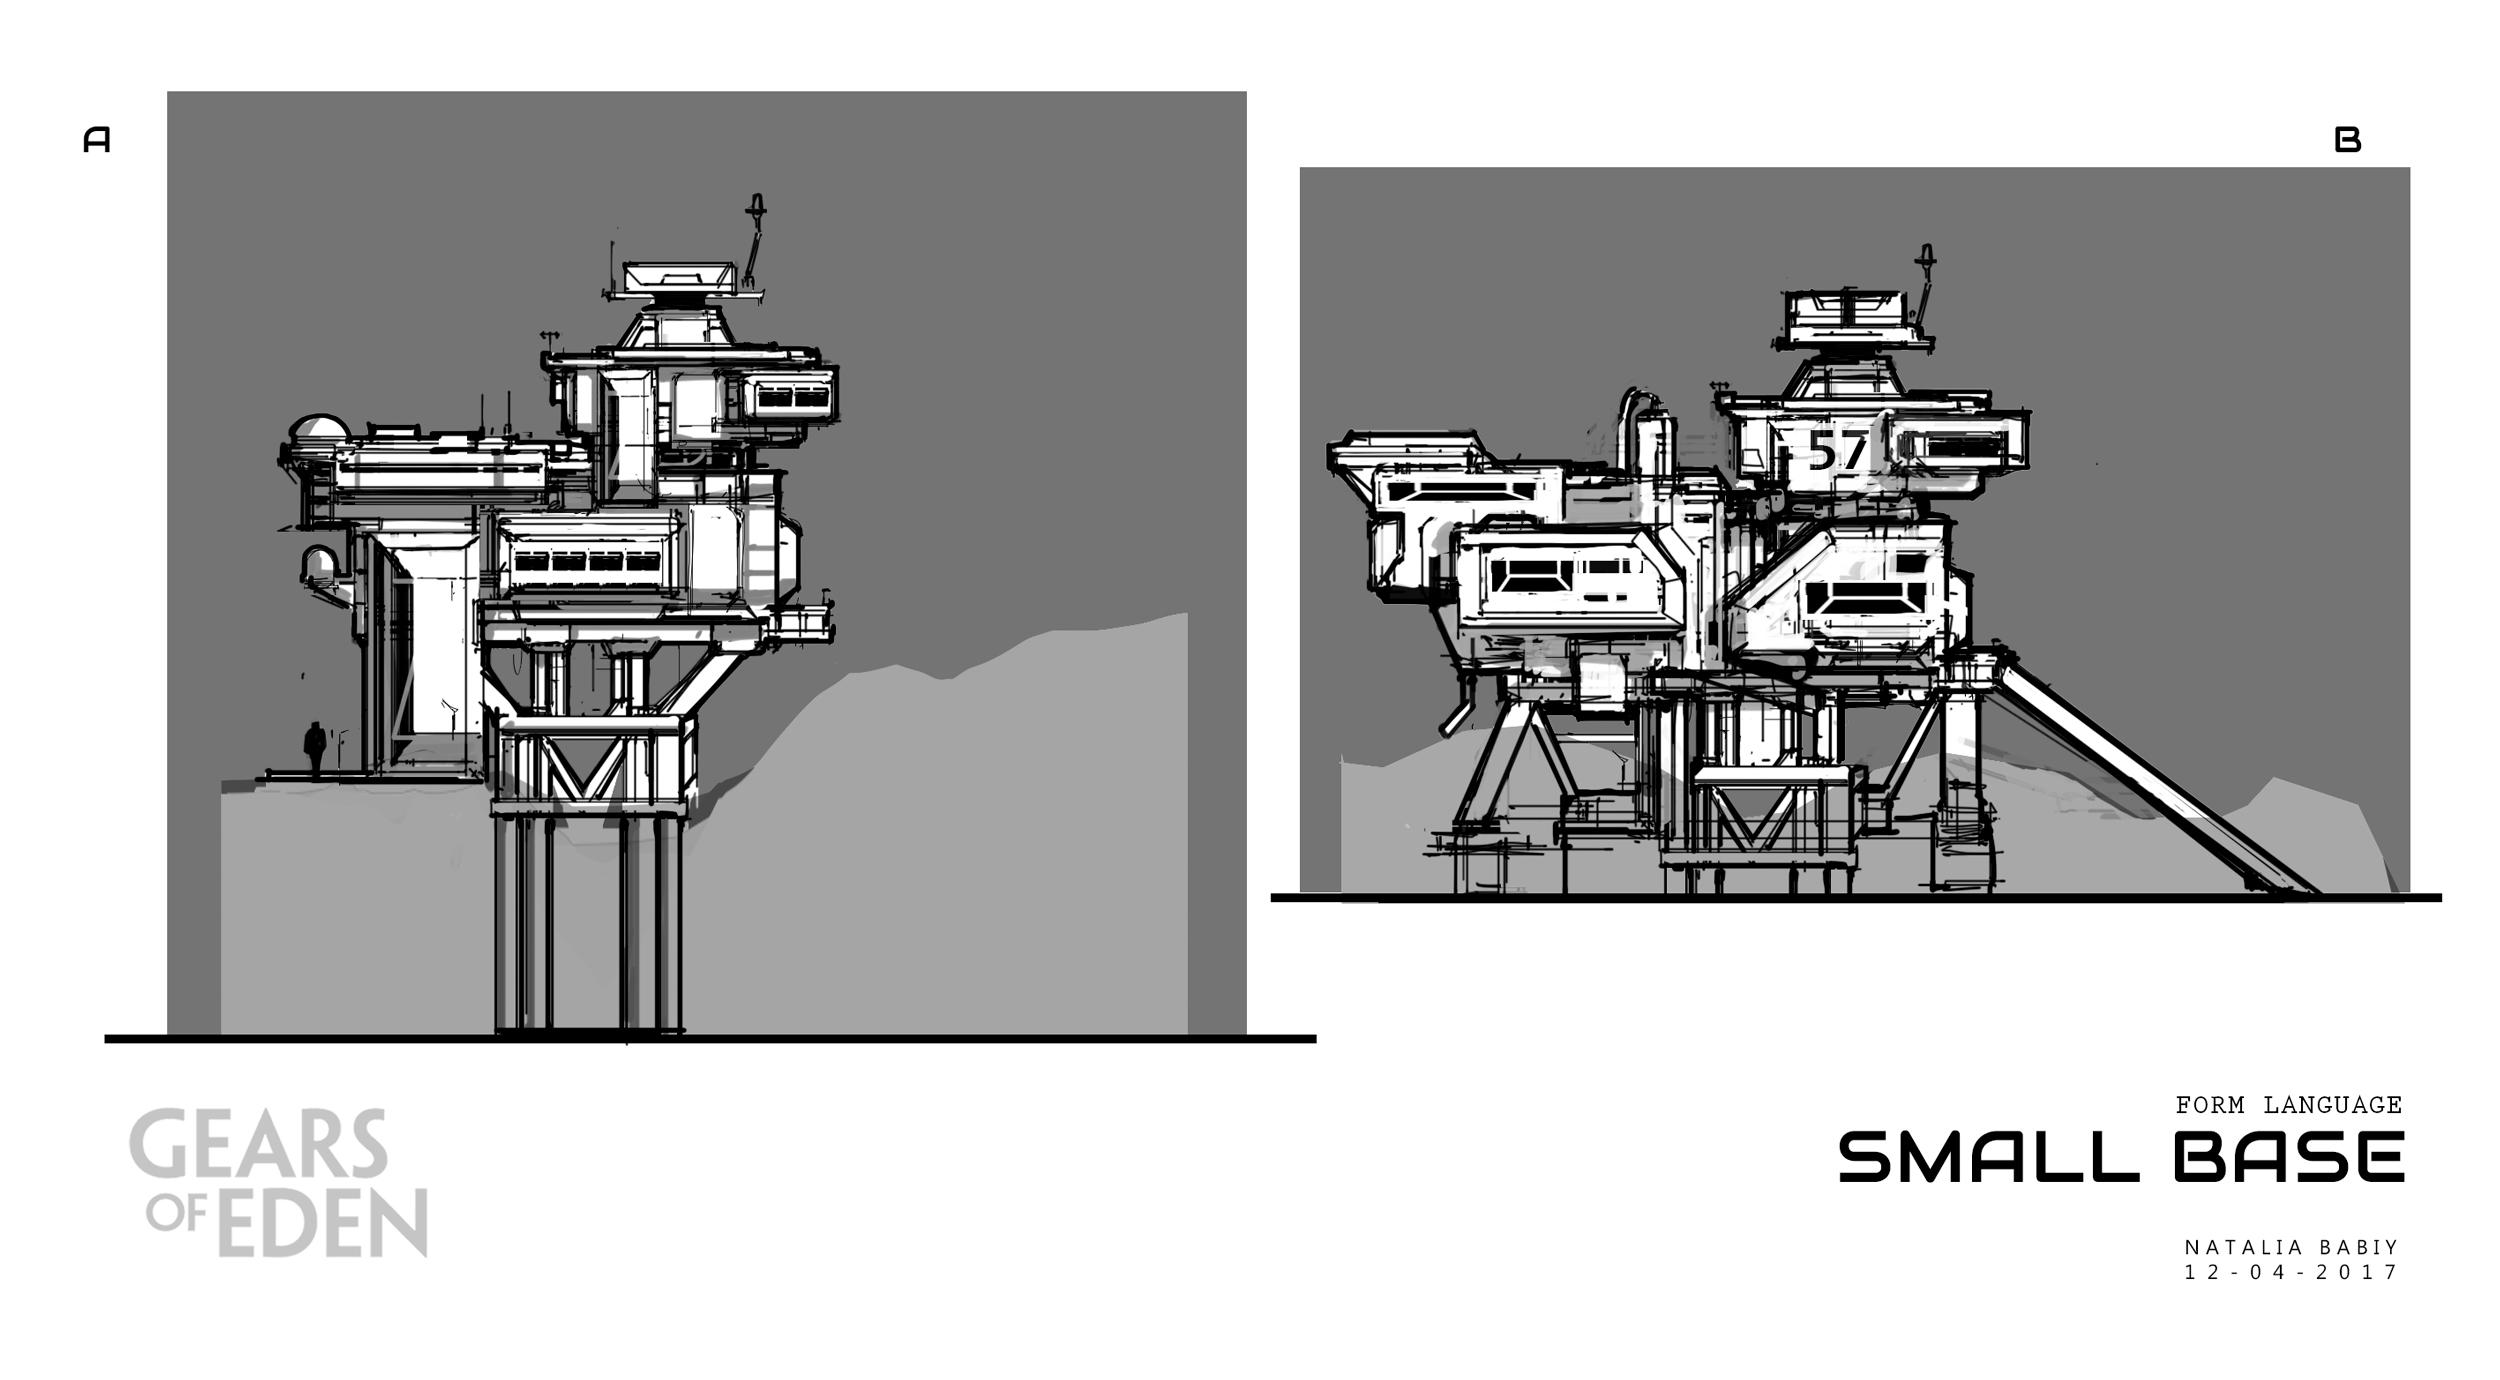 GearsOfEden SmallBase Form Langu